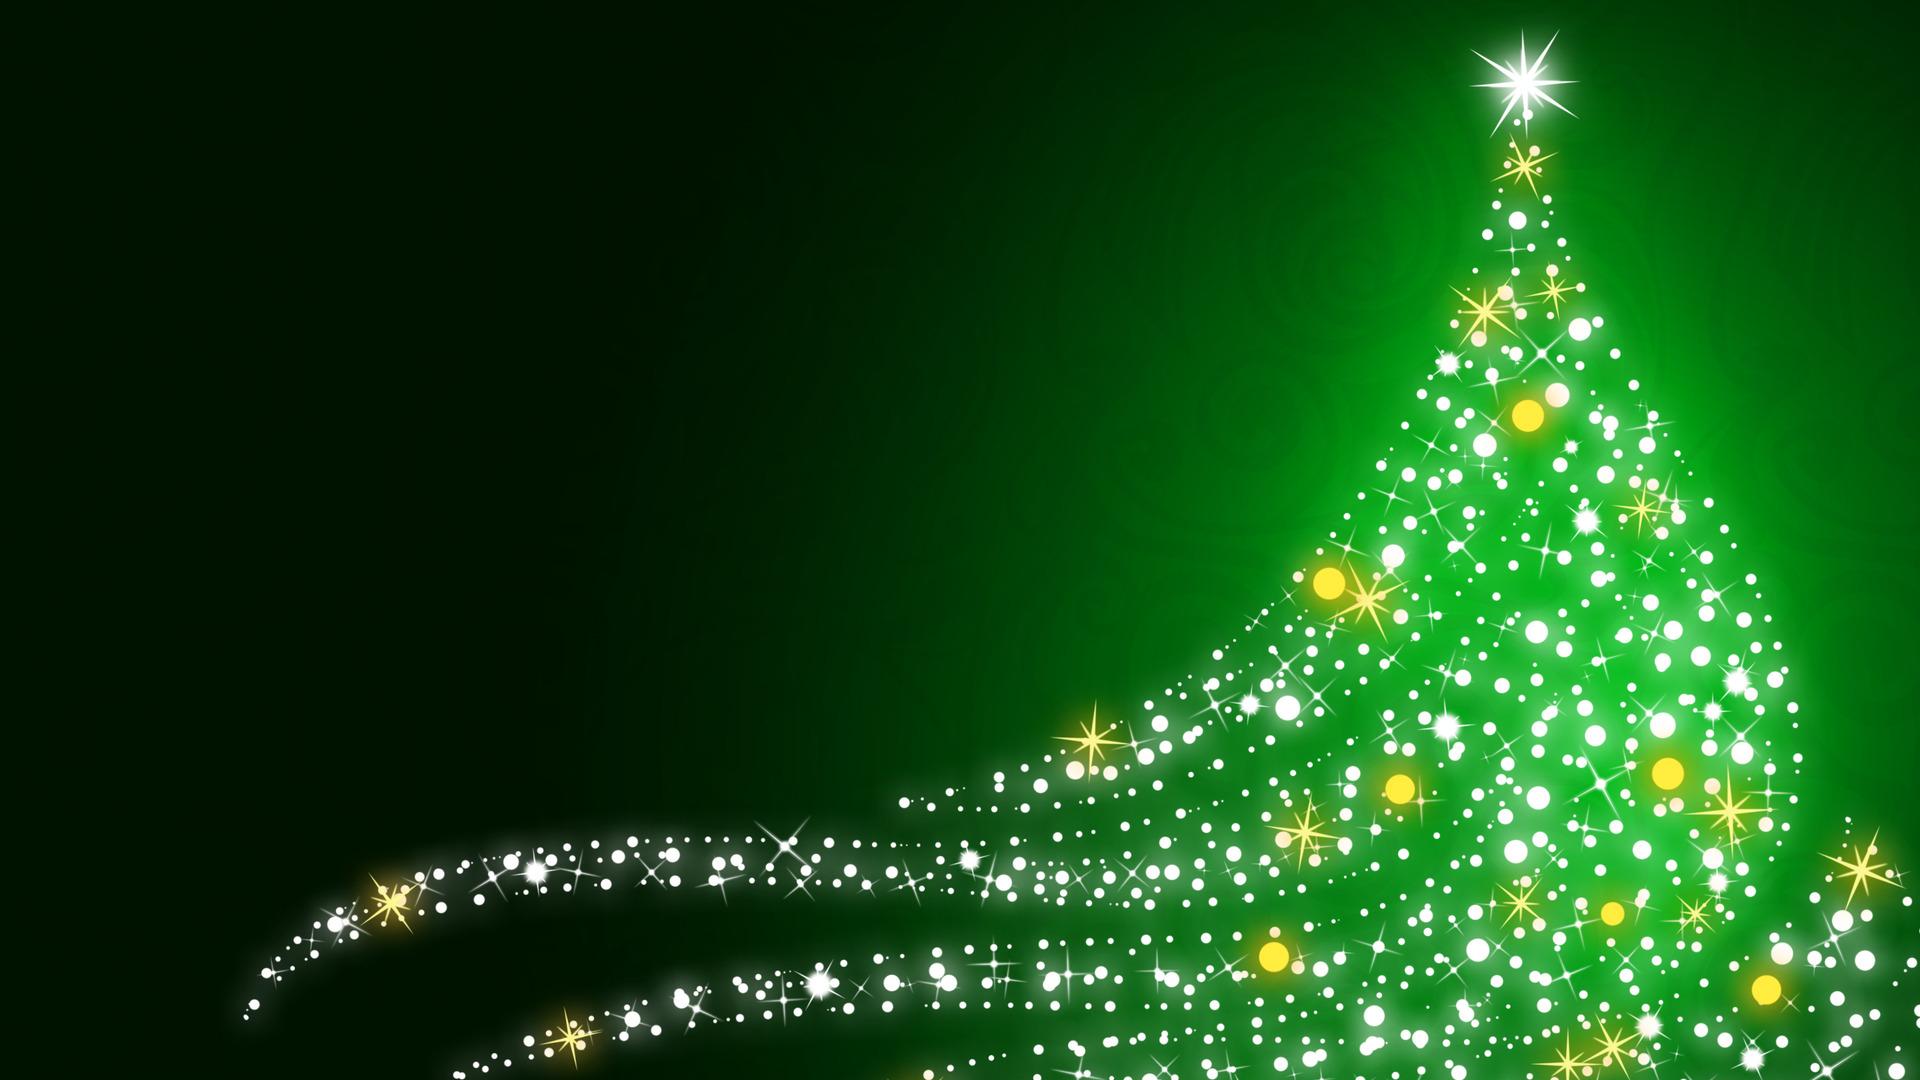 светящаяся елочка смотреть